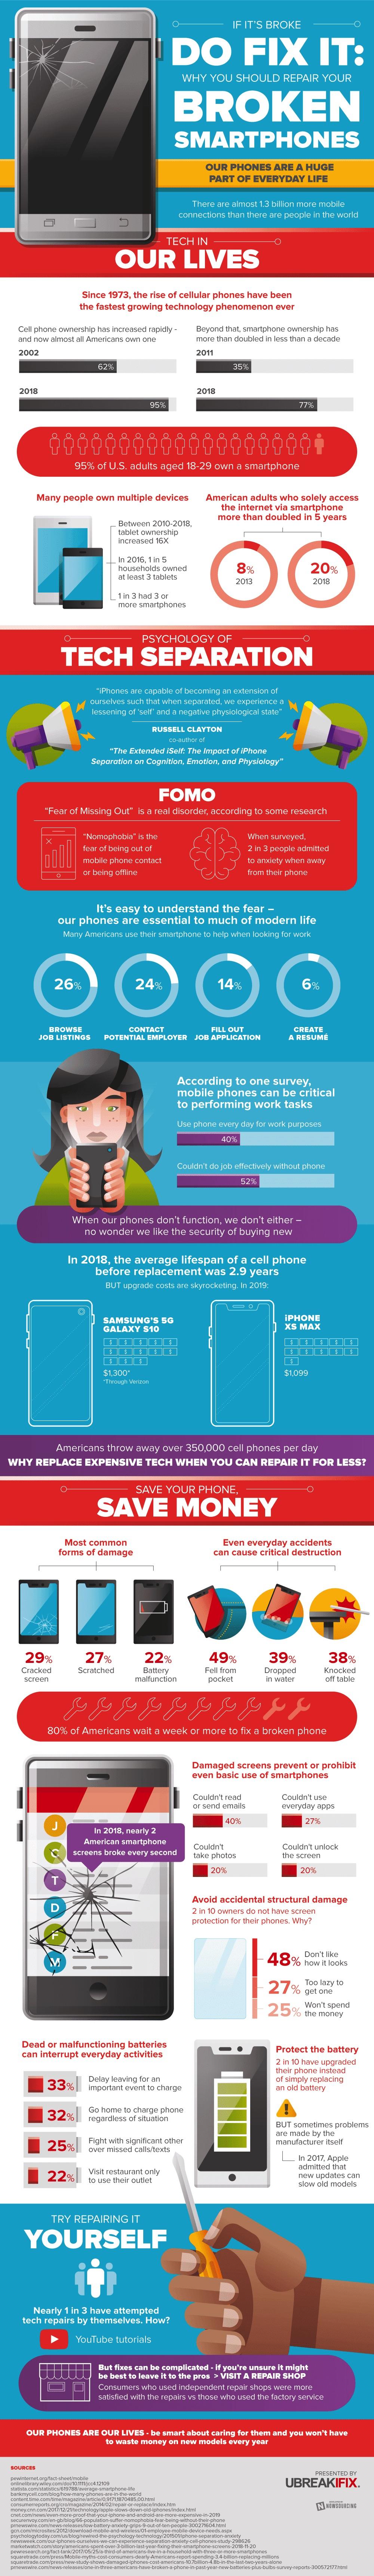 Broken Smartphones info